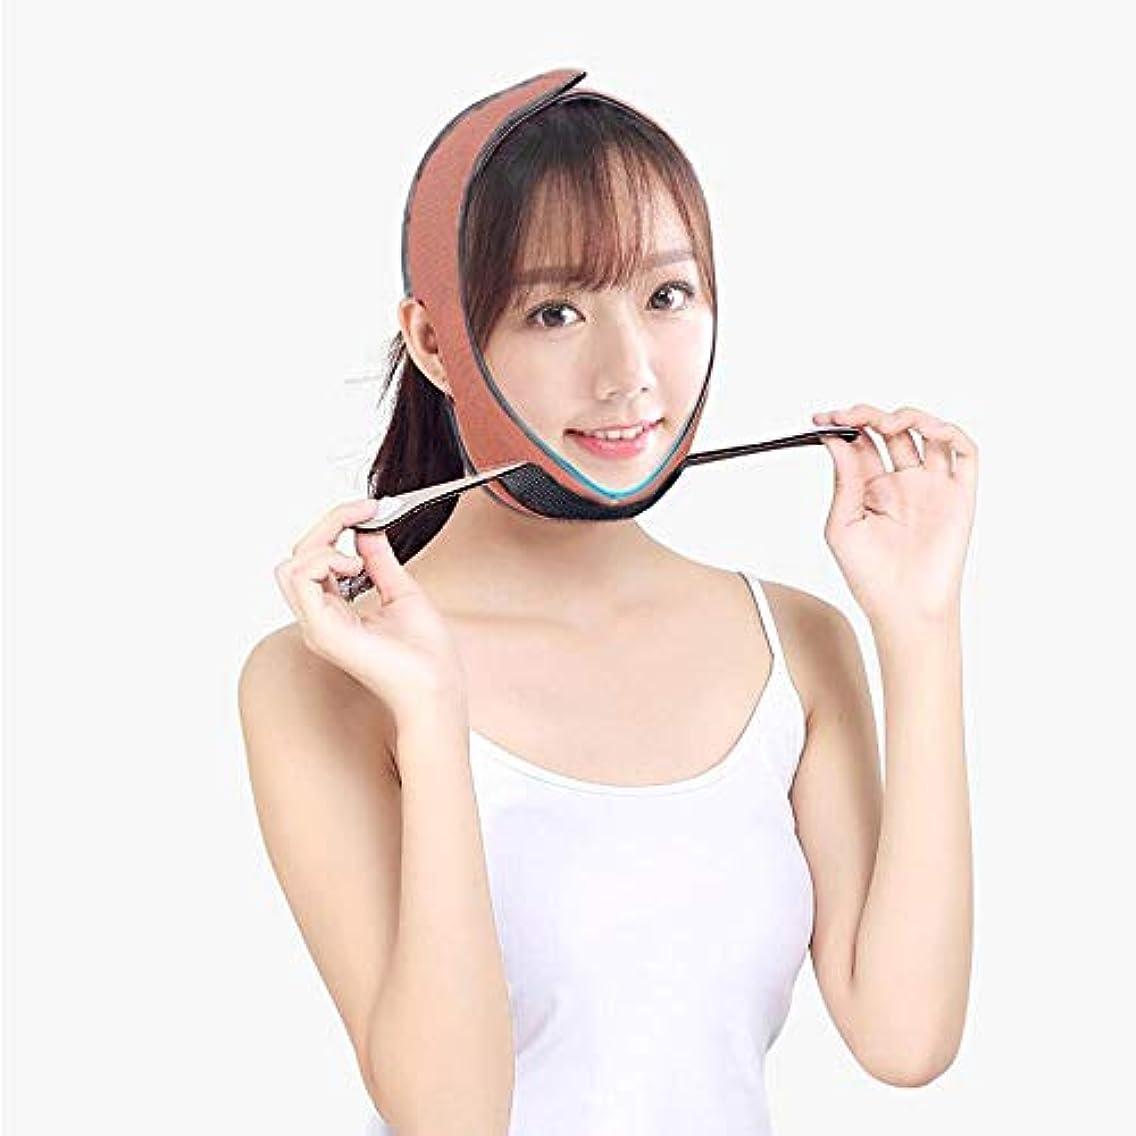 試験妨げる所属Jia Jia- フェイシャルリフティングスリミングベルト - 薄いフェイス包帯Vフェイス包帯マスクフェイシャルマッサージャー無料整形マスク顔と首の顔を引き締めますスリム 顔面包帯